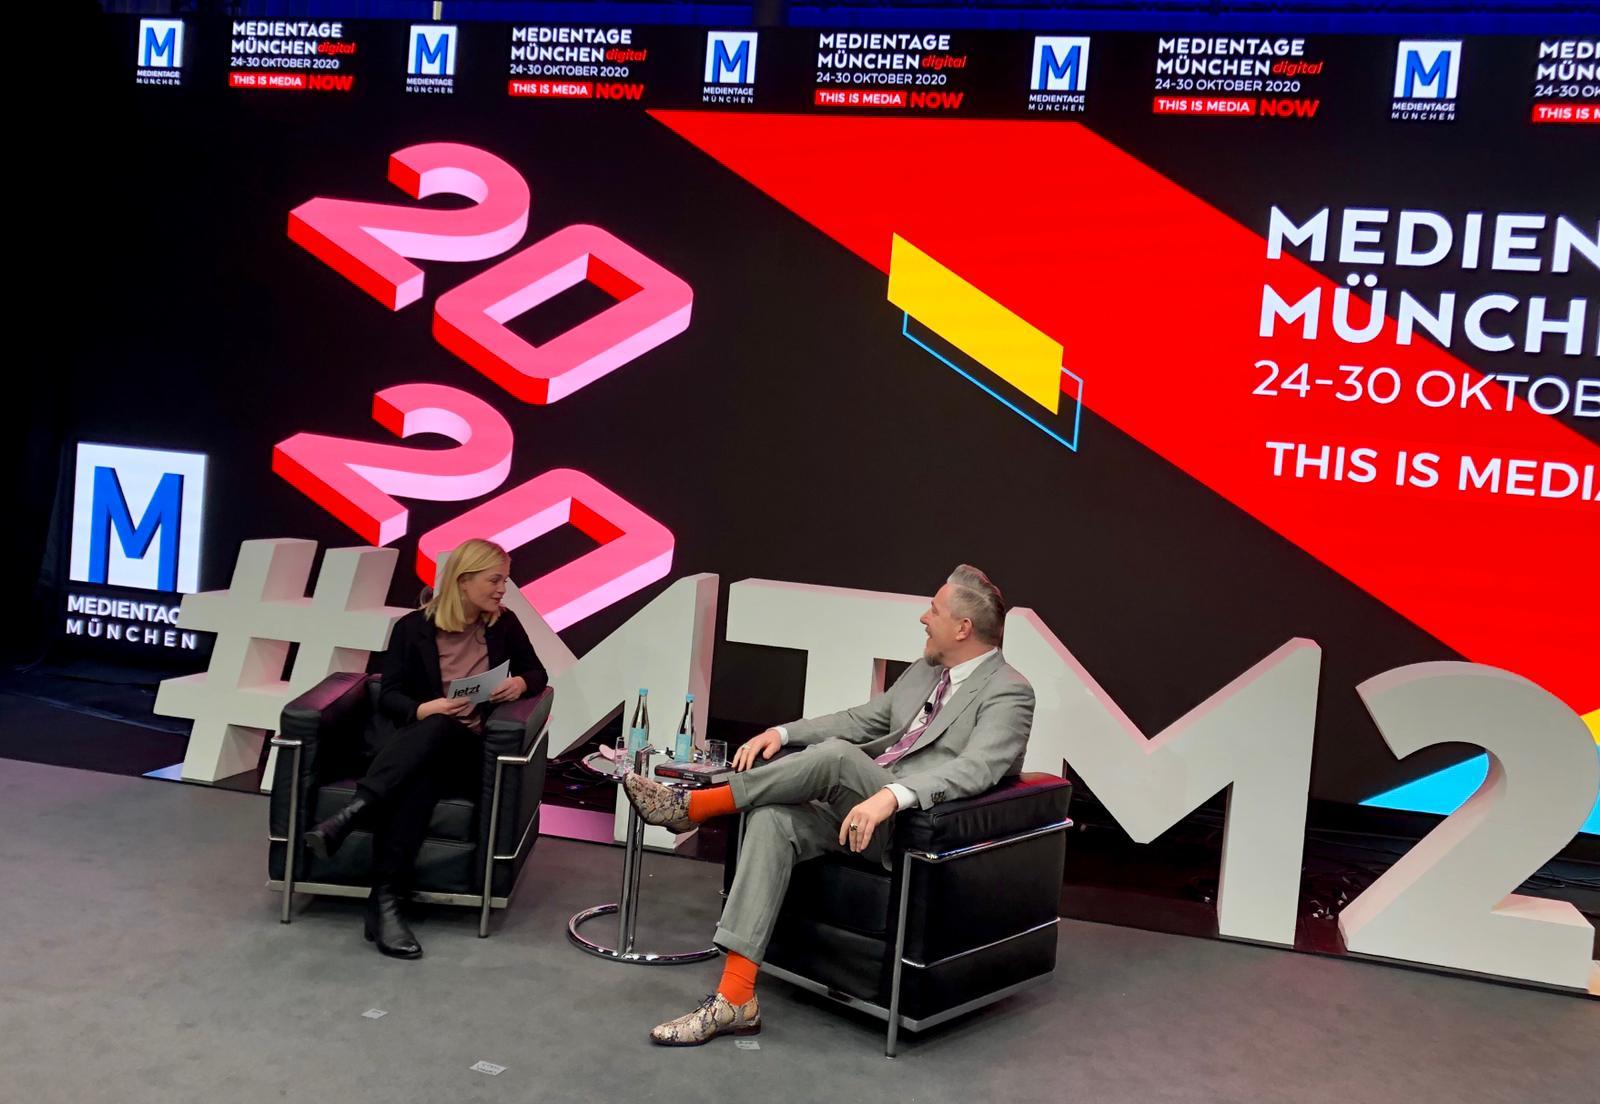 Medientage München digital Marcus S. Kleiner